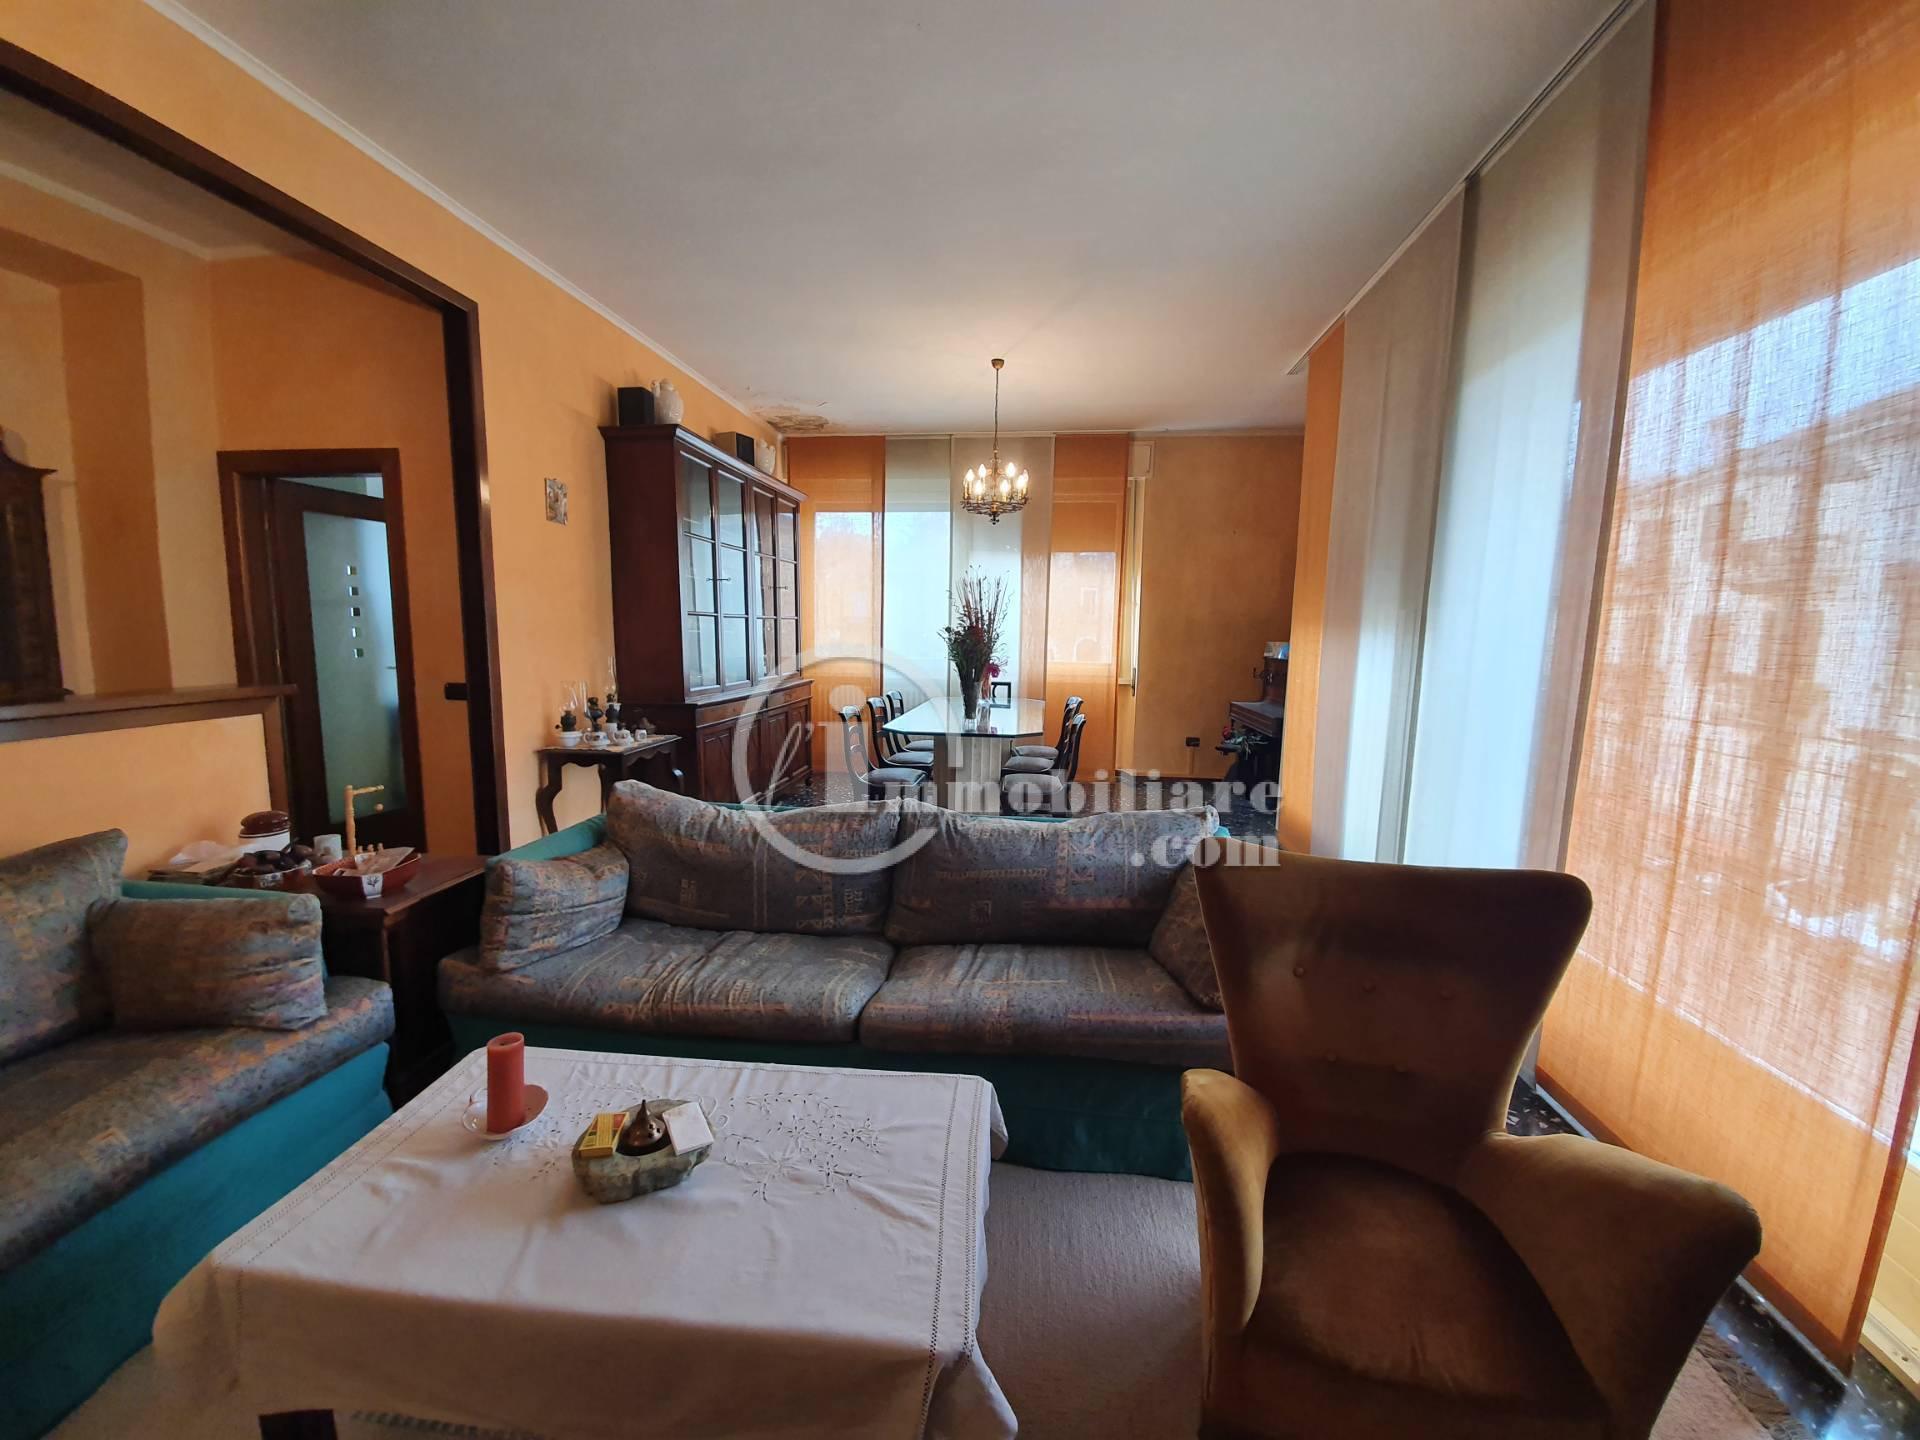 Appartamento in Vendita a Imbersago: 4 locali, 150 mq